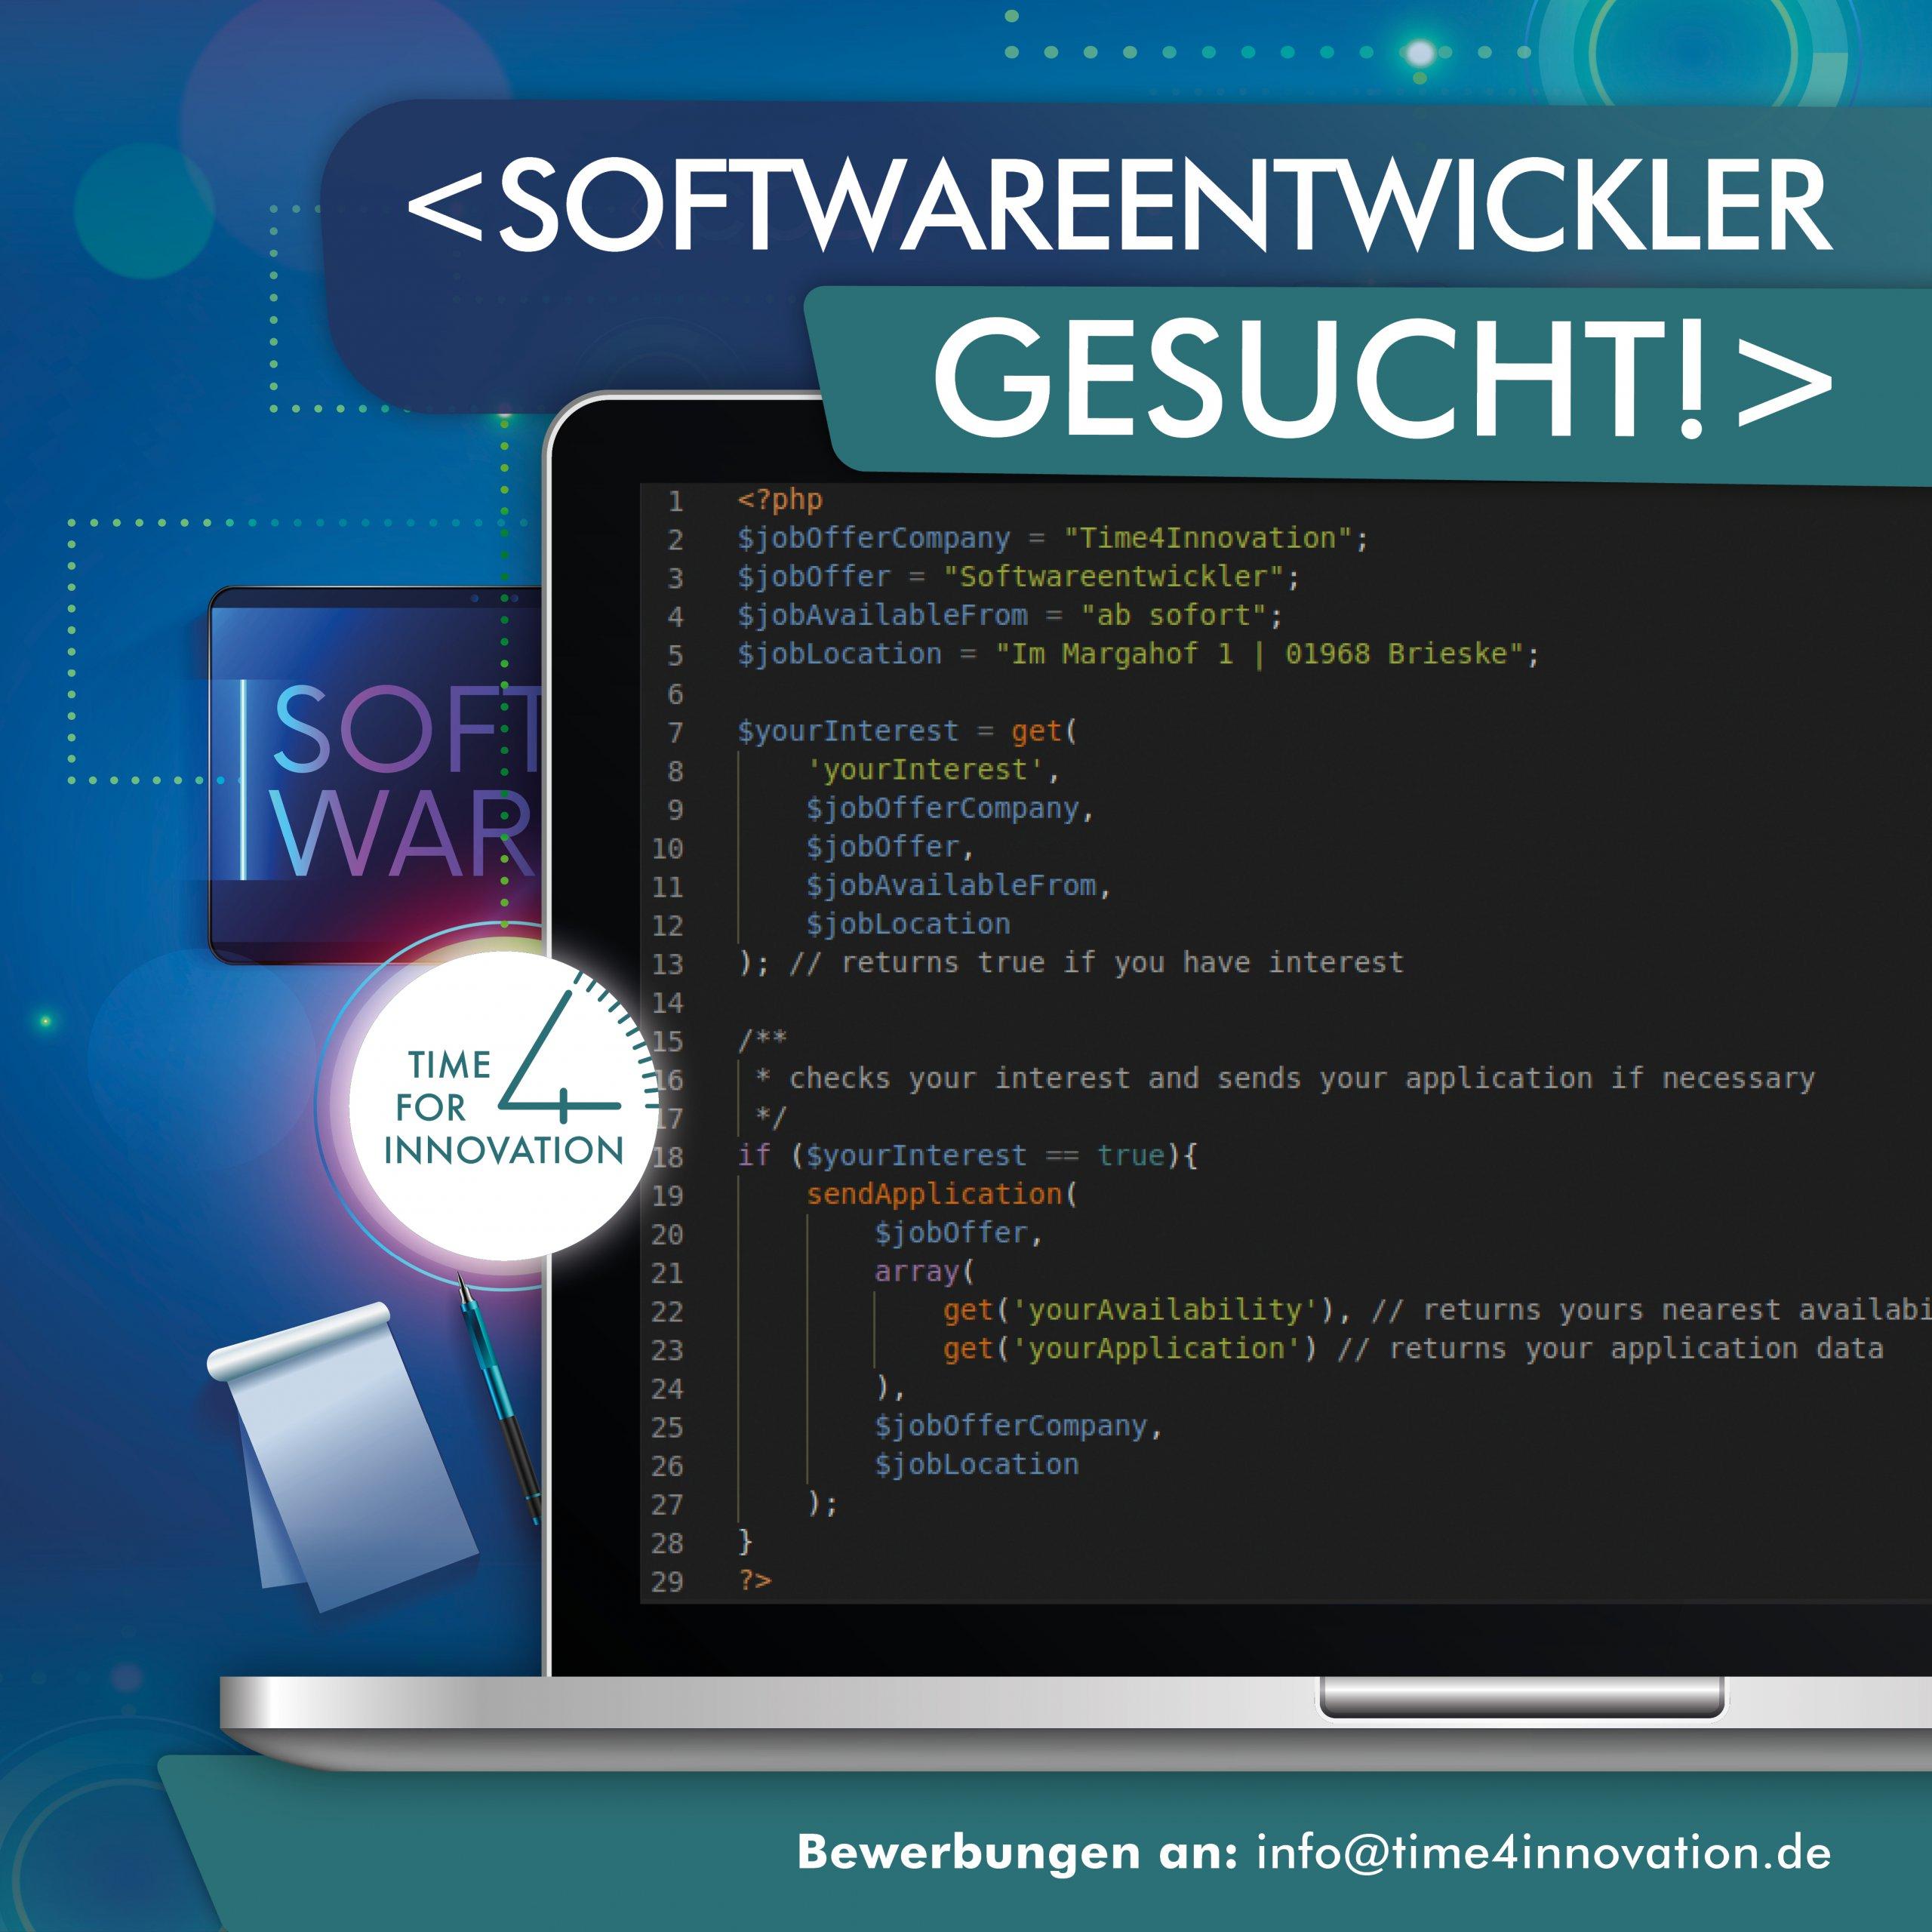 Insider gesucht - Softwareentwickler